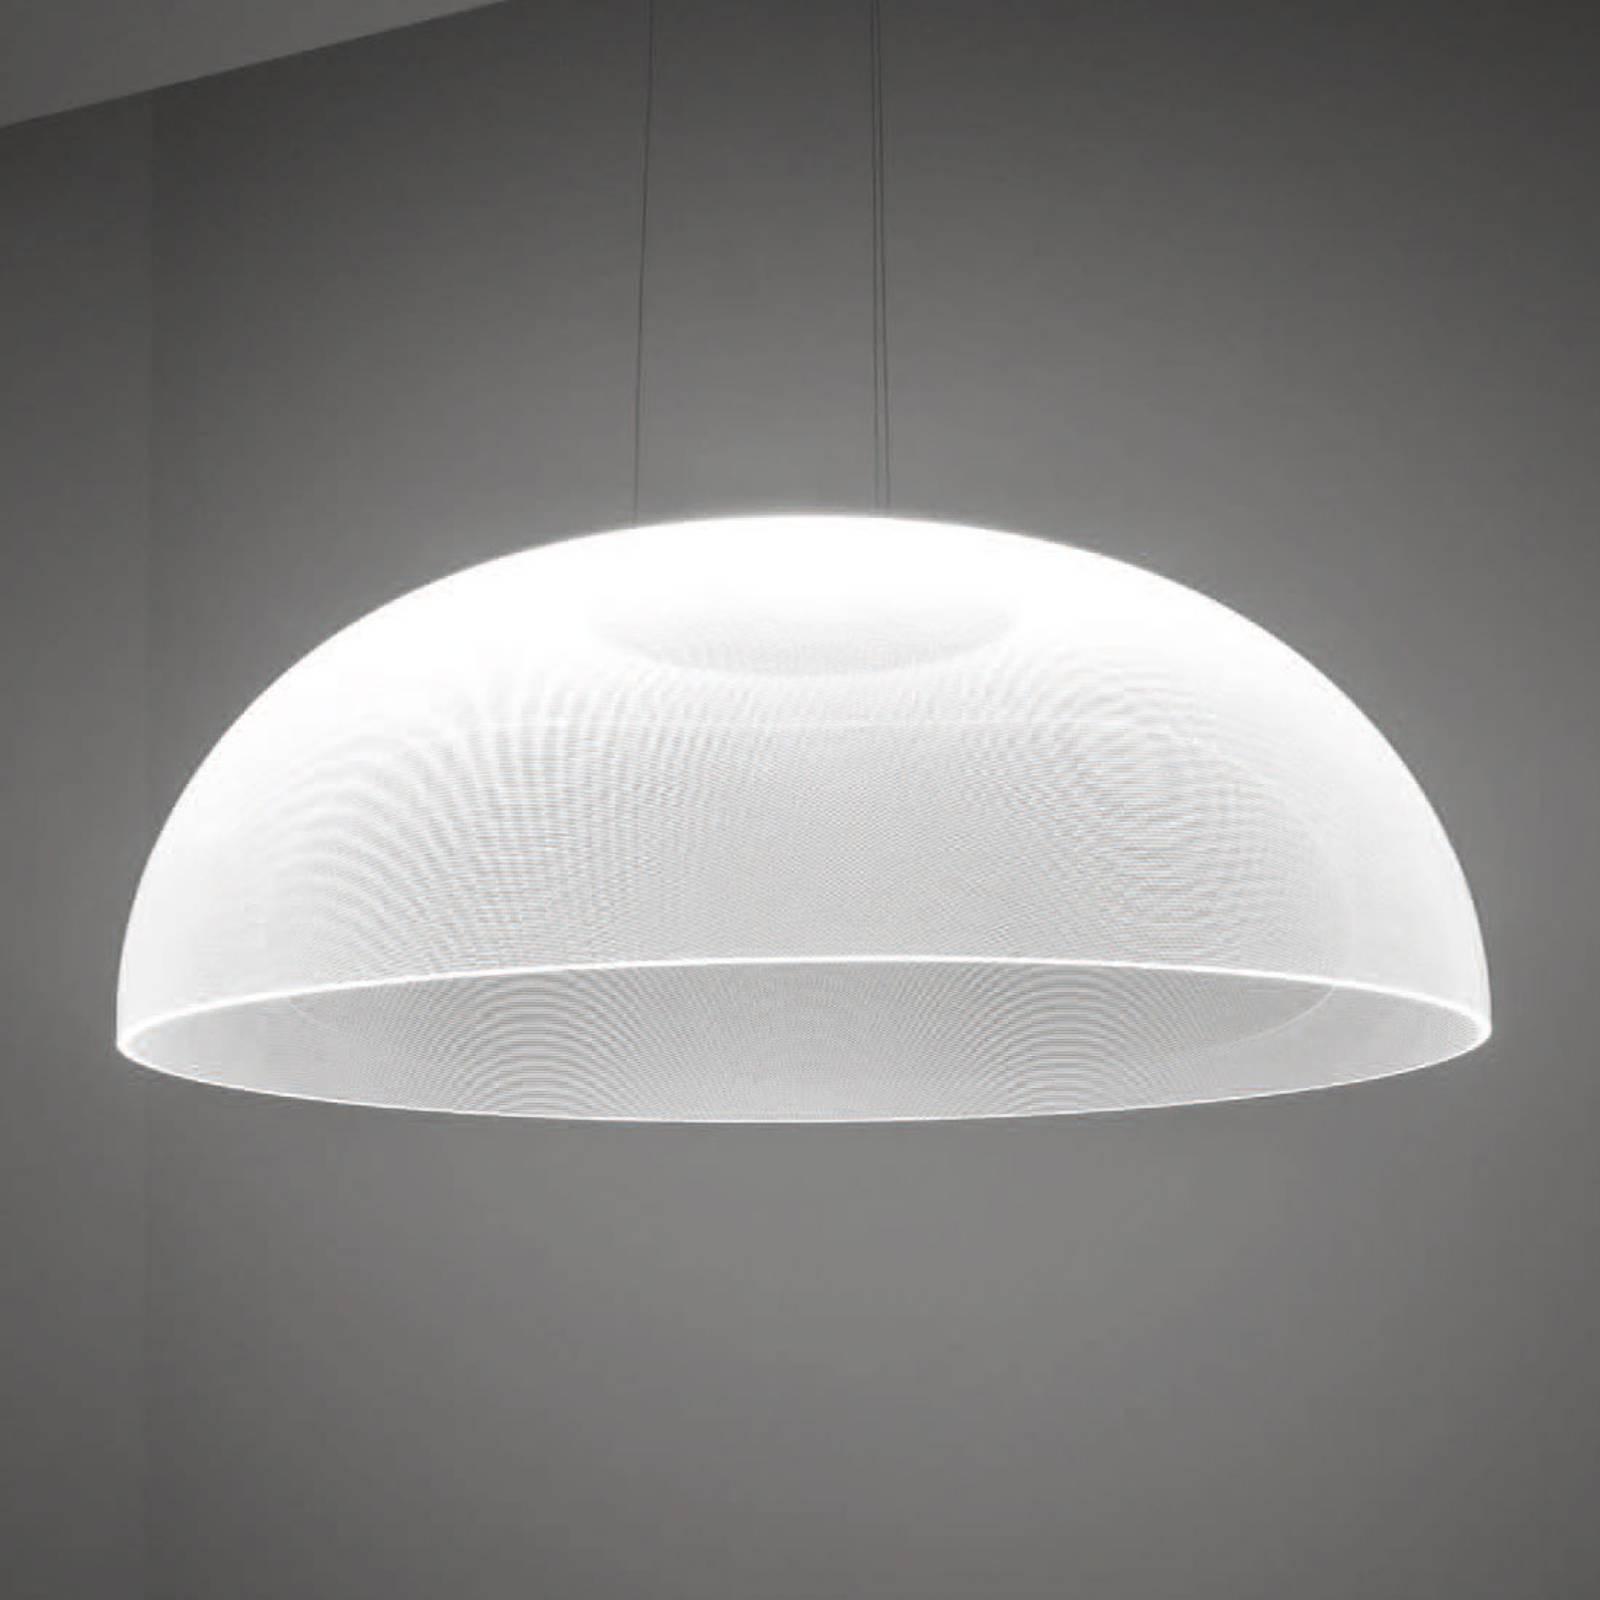 Lampa wisząca LED Demì, ściemnianie DALI